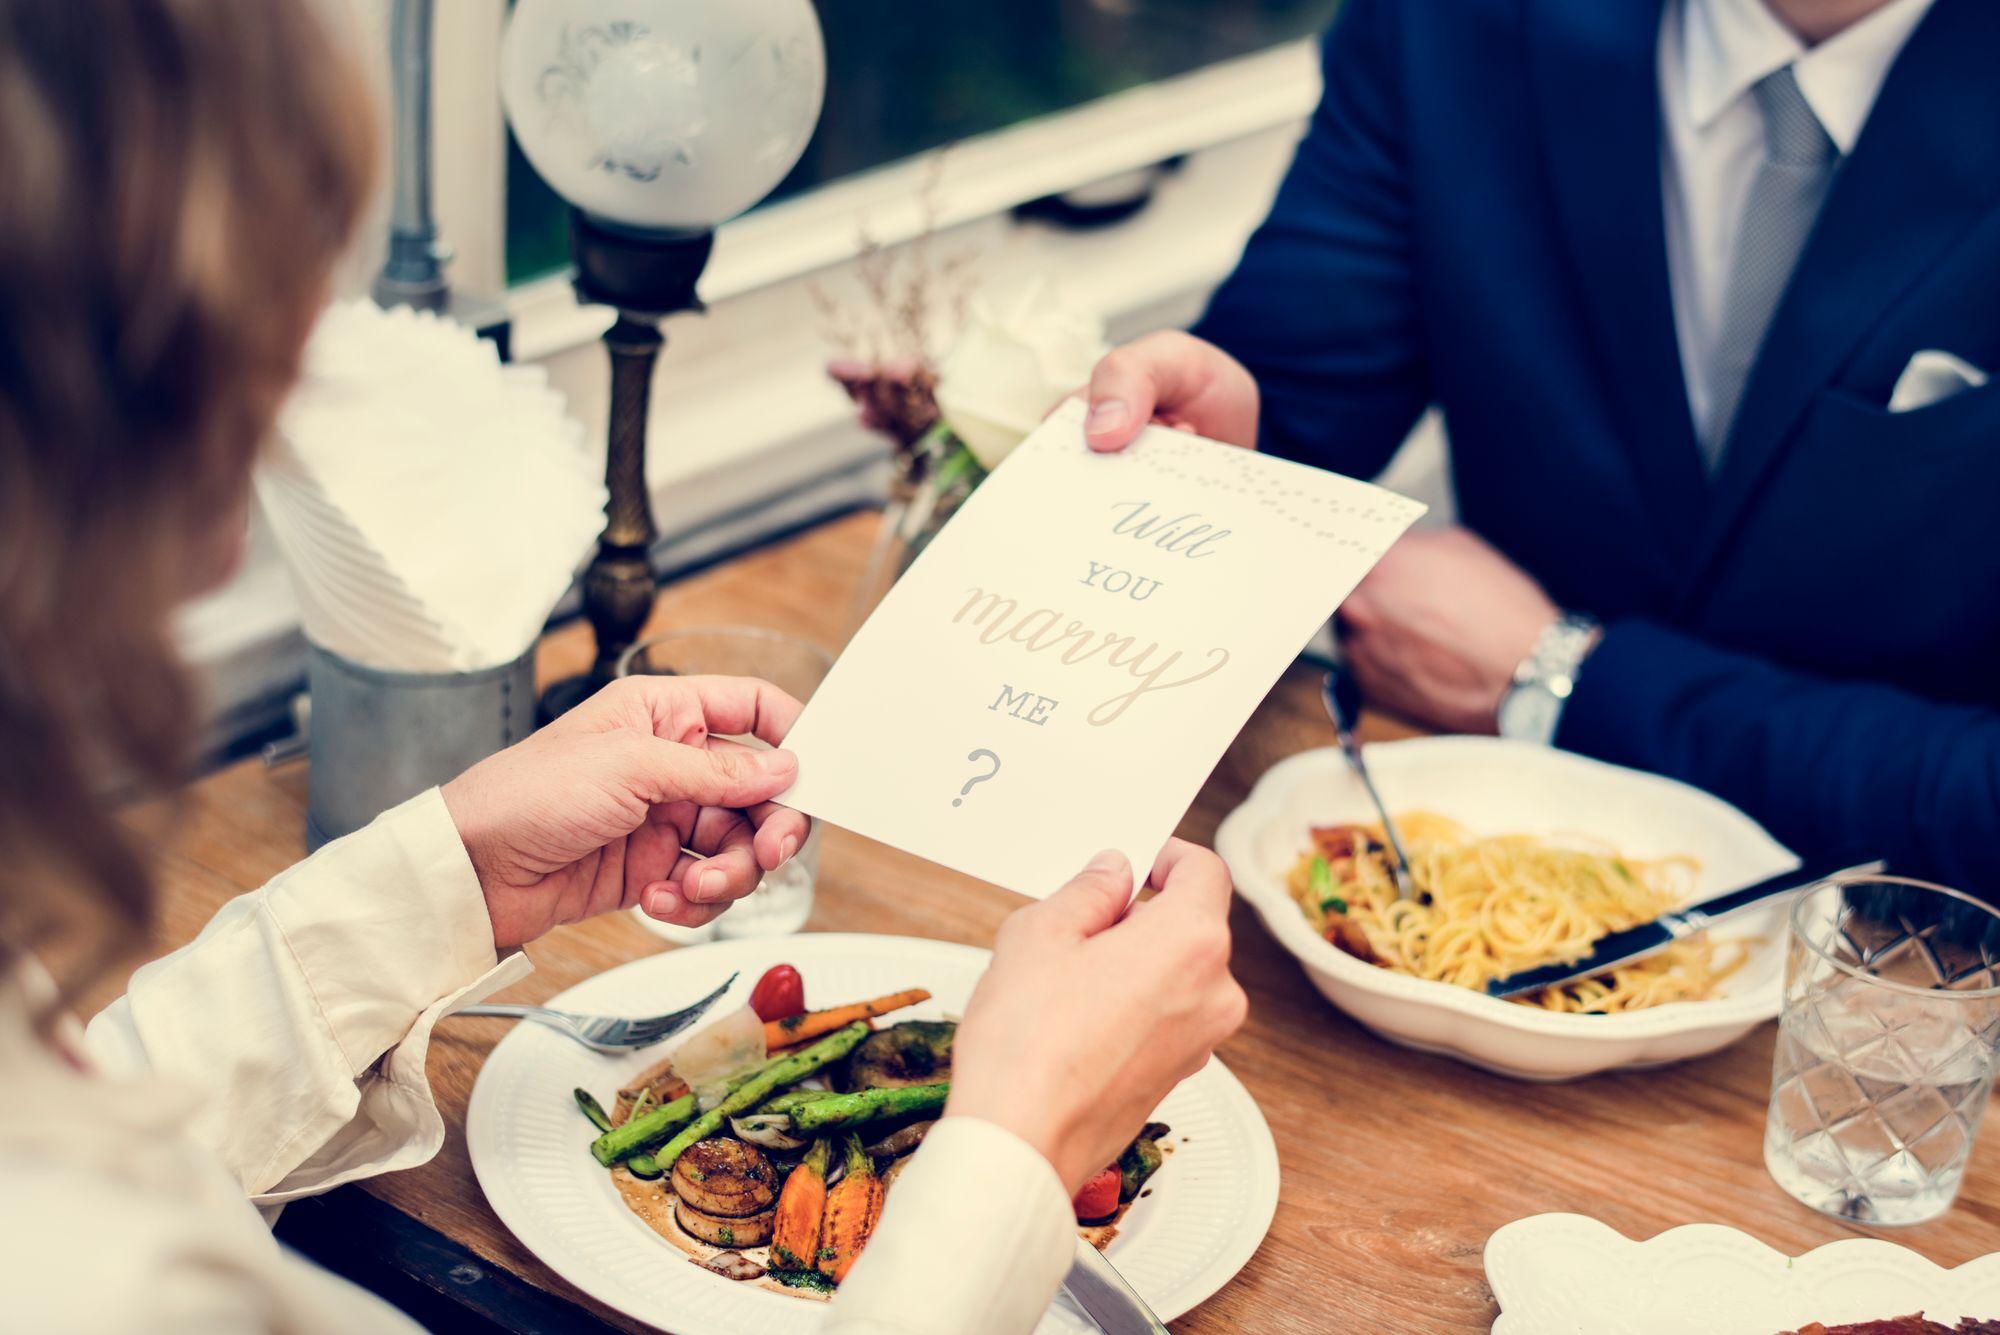 Verlobung in einem Restaurant